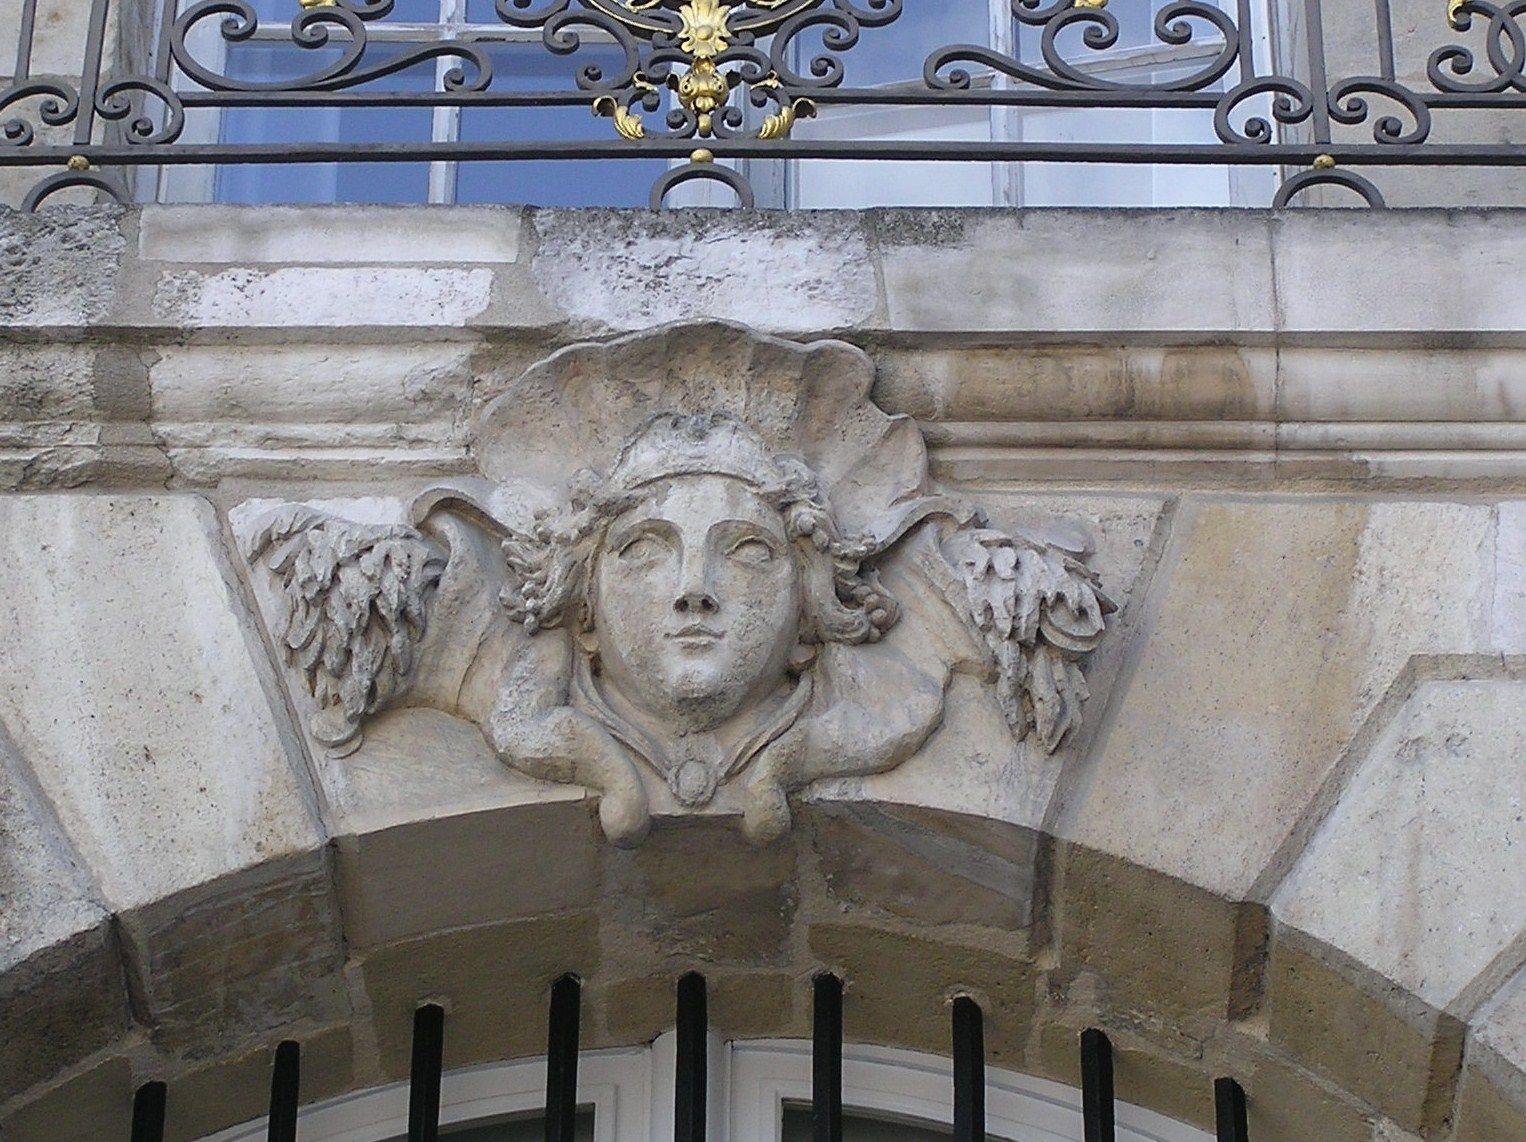 Mascarons de Bordeaux http://www.ghbordeaux.com/fr/index.php